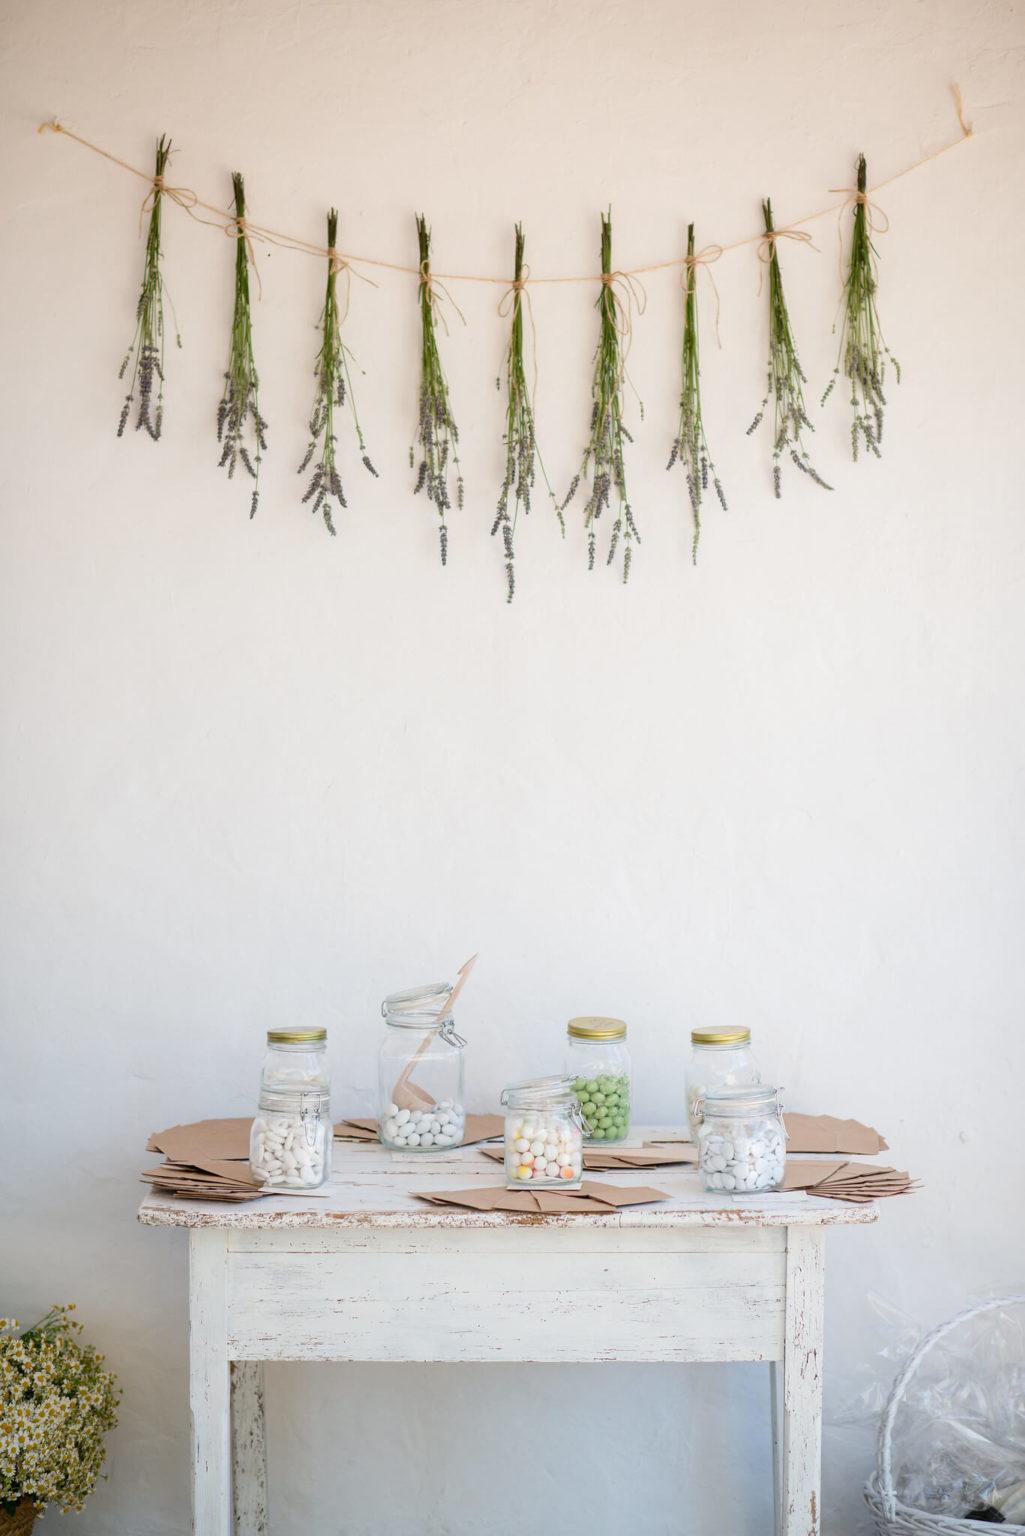 https://www.white-ibiza.com/wp-content/uploads/2020/03/ibiza-wedding-photographer-gypsy-westwood-2020-02-1025x1536.jpg